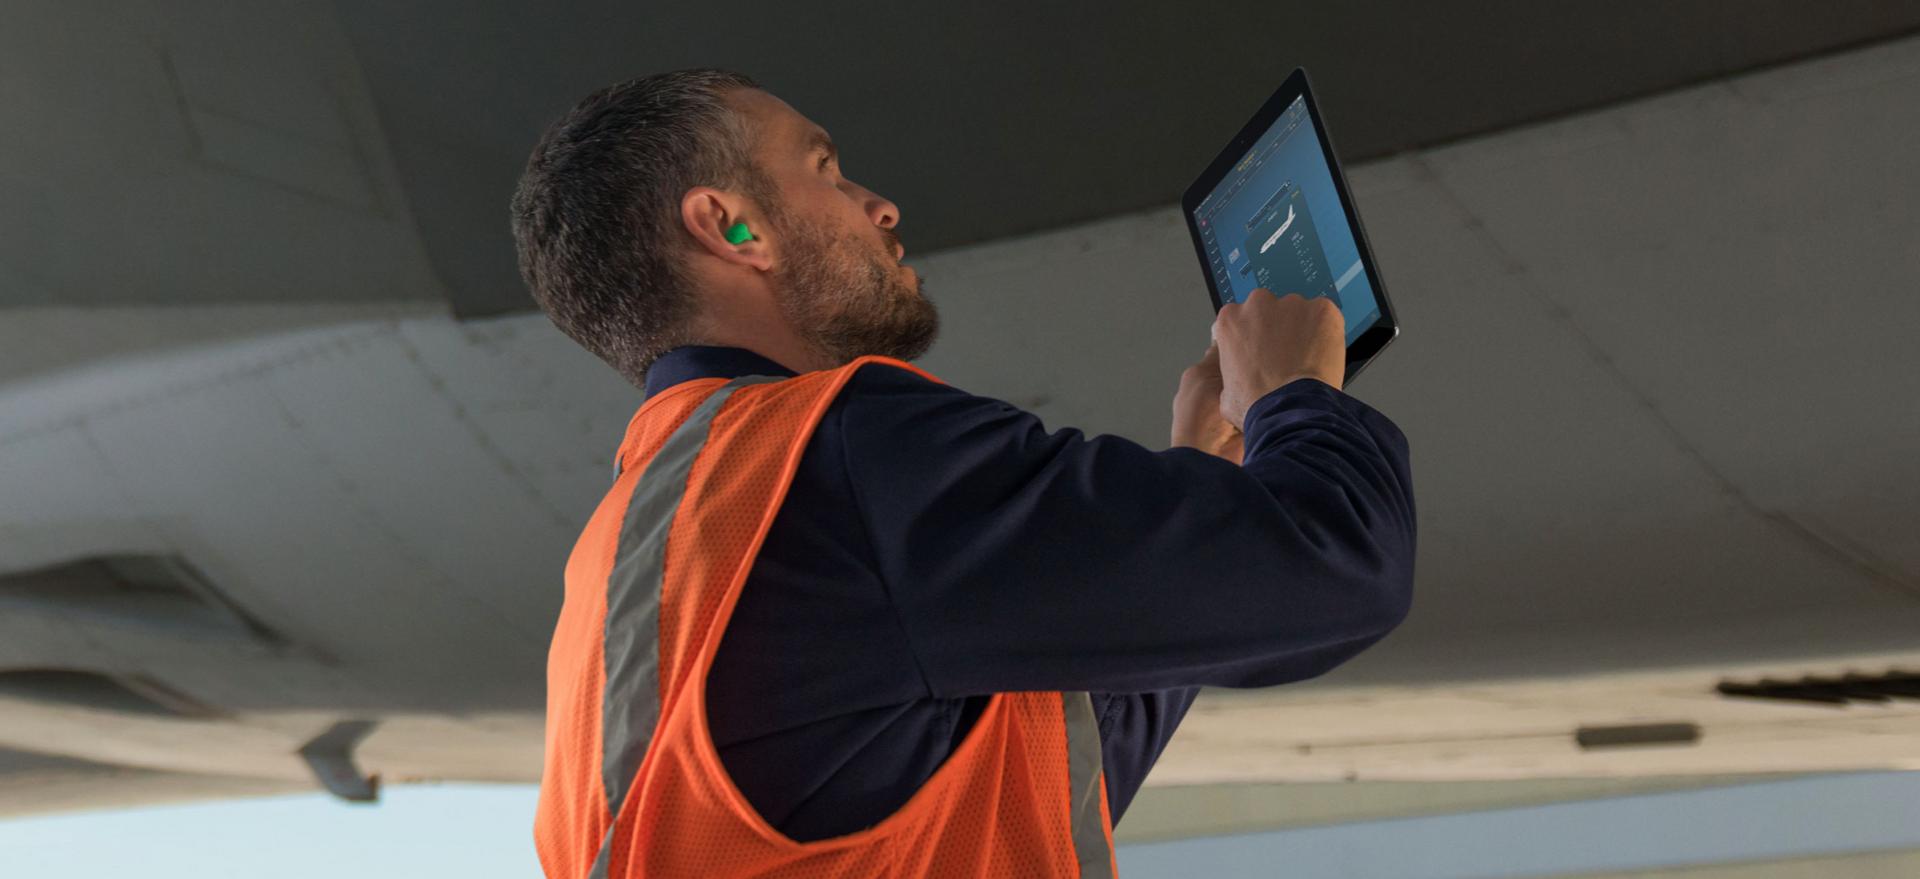 Unsere Vision - Wir verbinden Airbus mit Oikos Systems